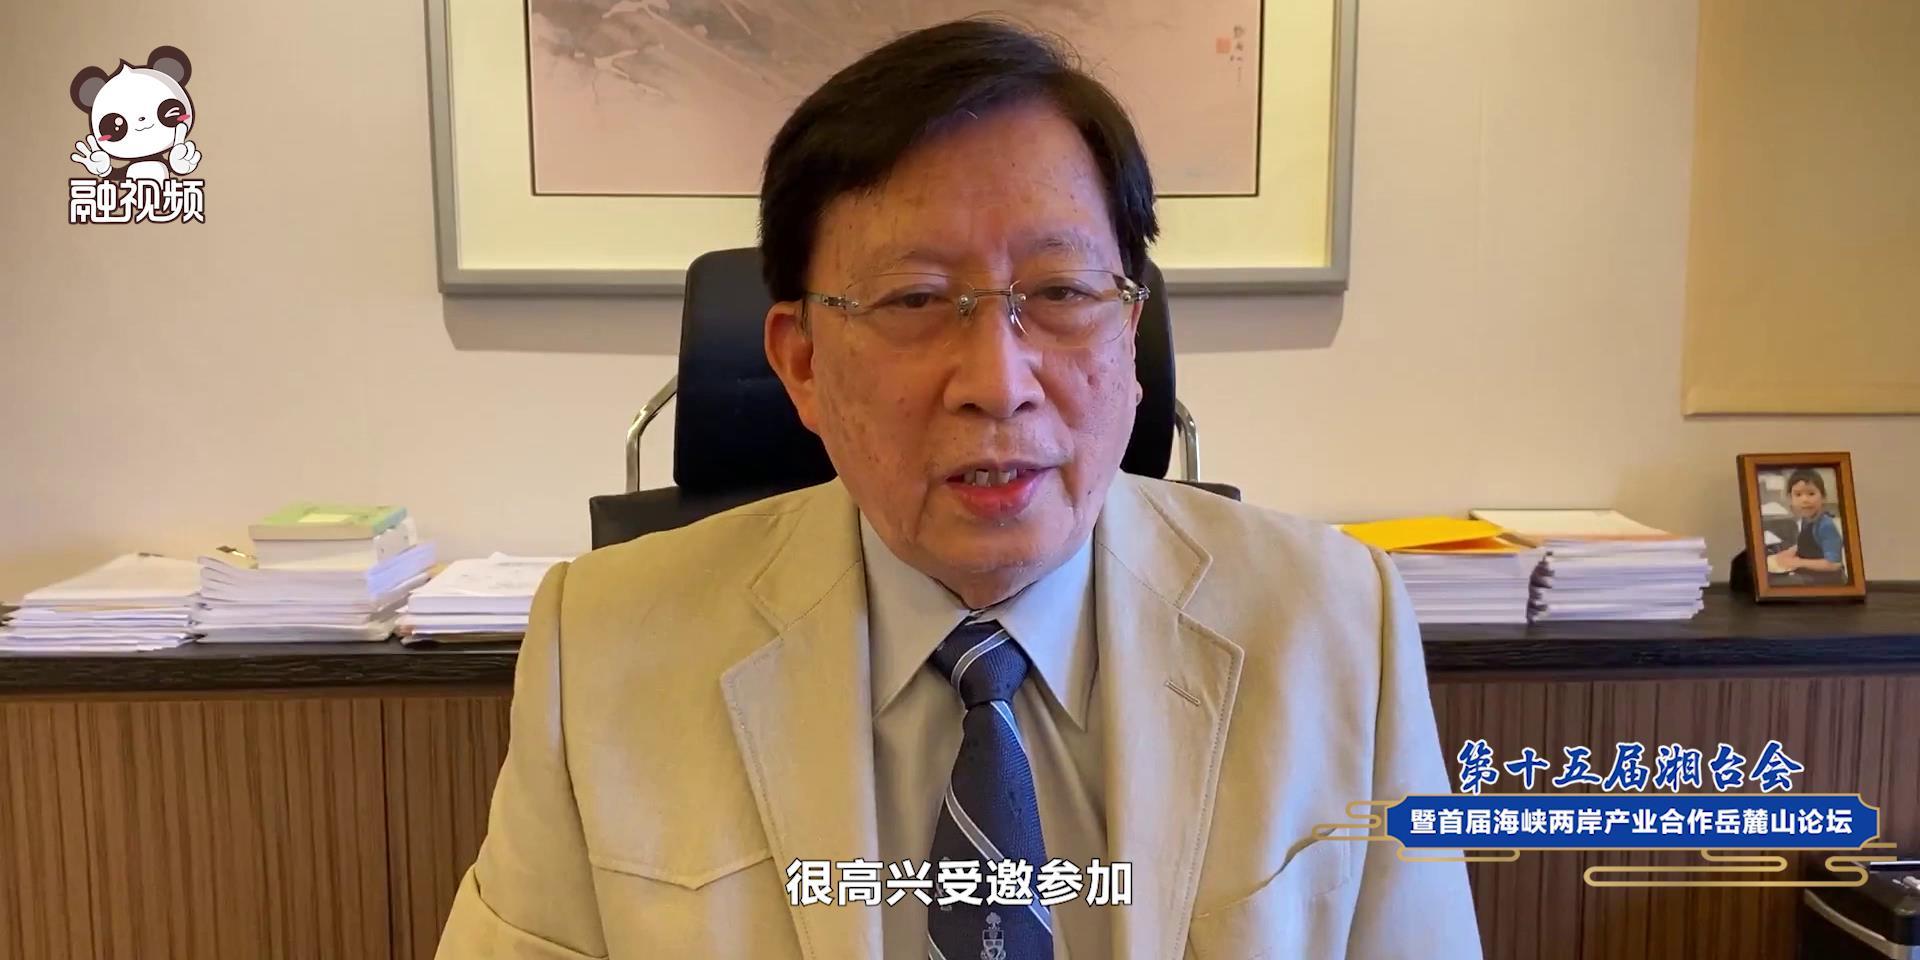 刘兆玄:用衡阳话预祝湘台会圆满成功图片